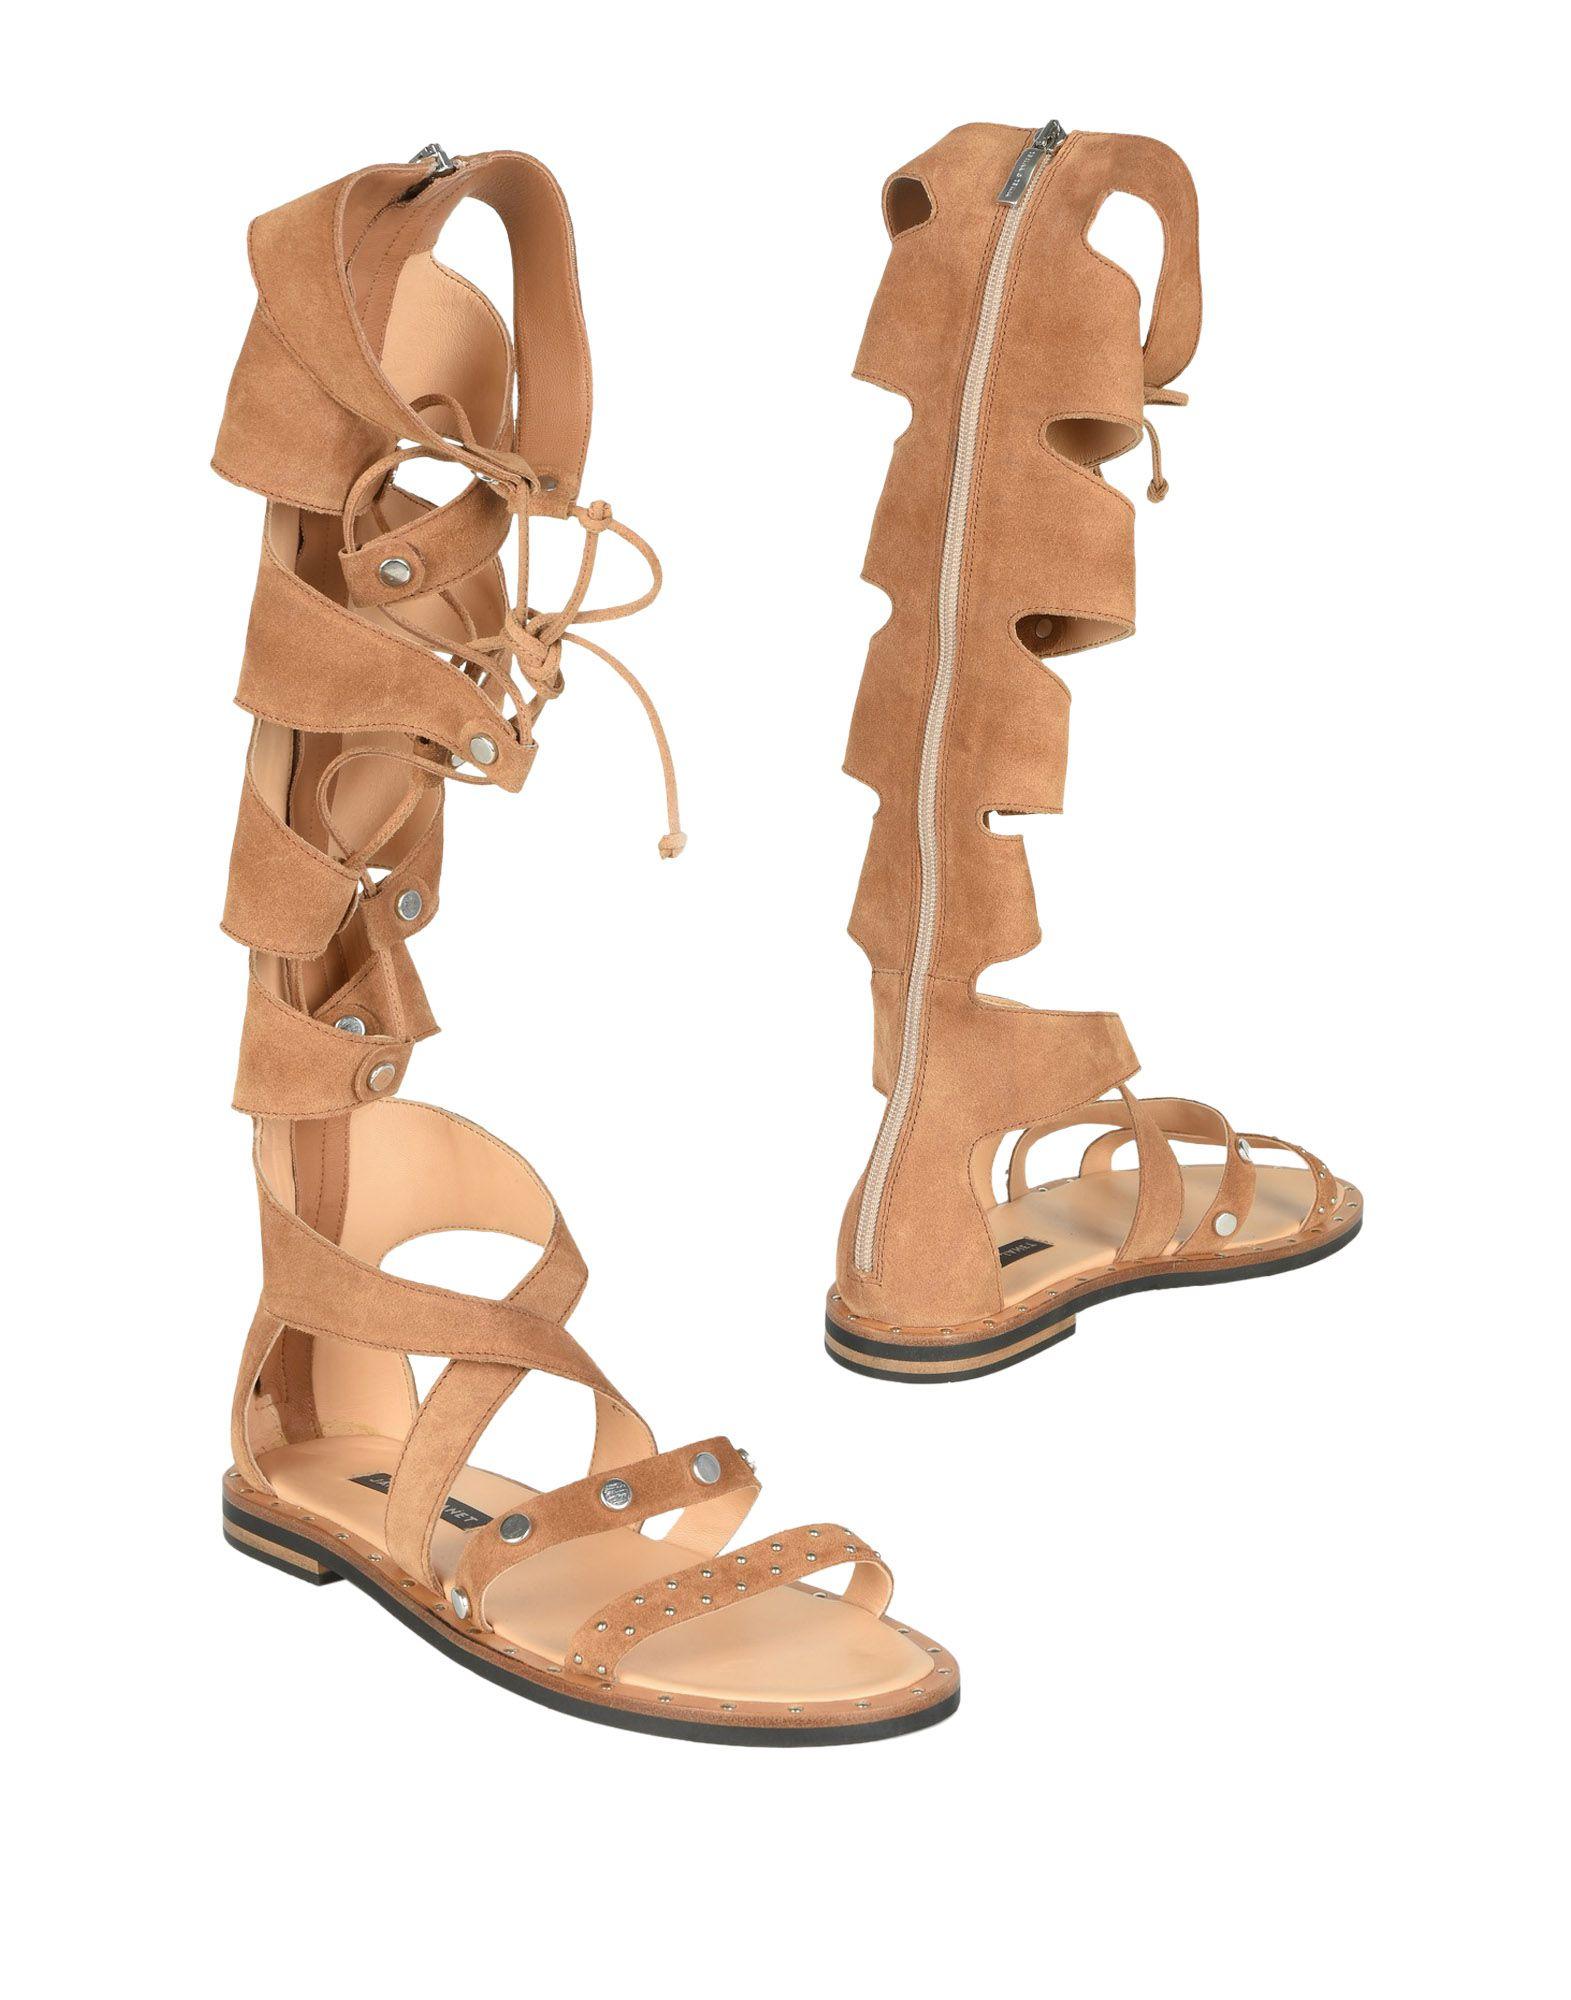 Janet & Janet Stiefel Damen  11379878DV Gute beliebte Qualität beliebte Gute Schuhe 0c0e0e